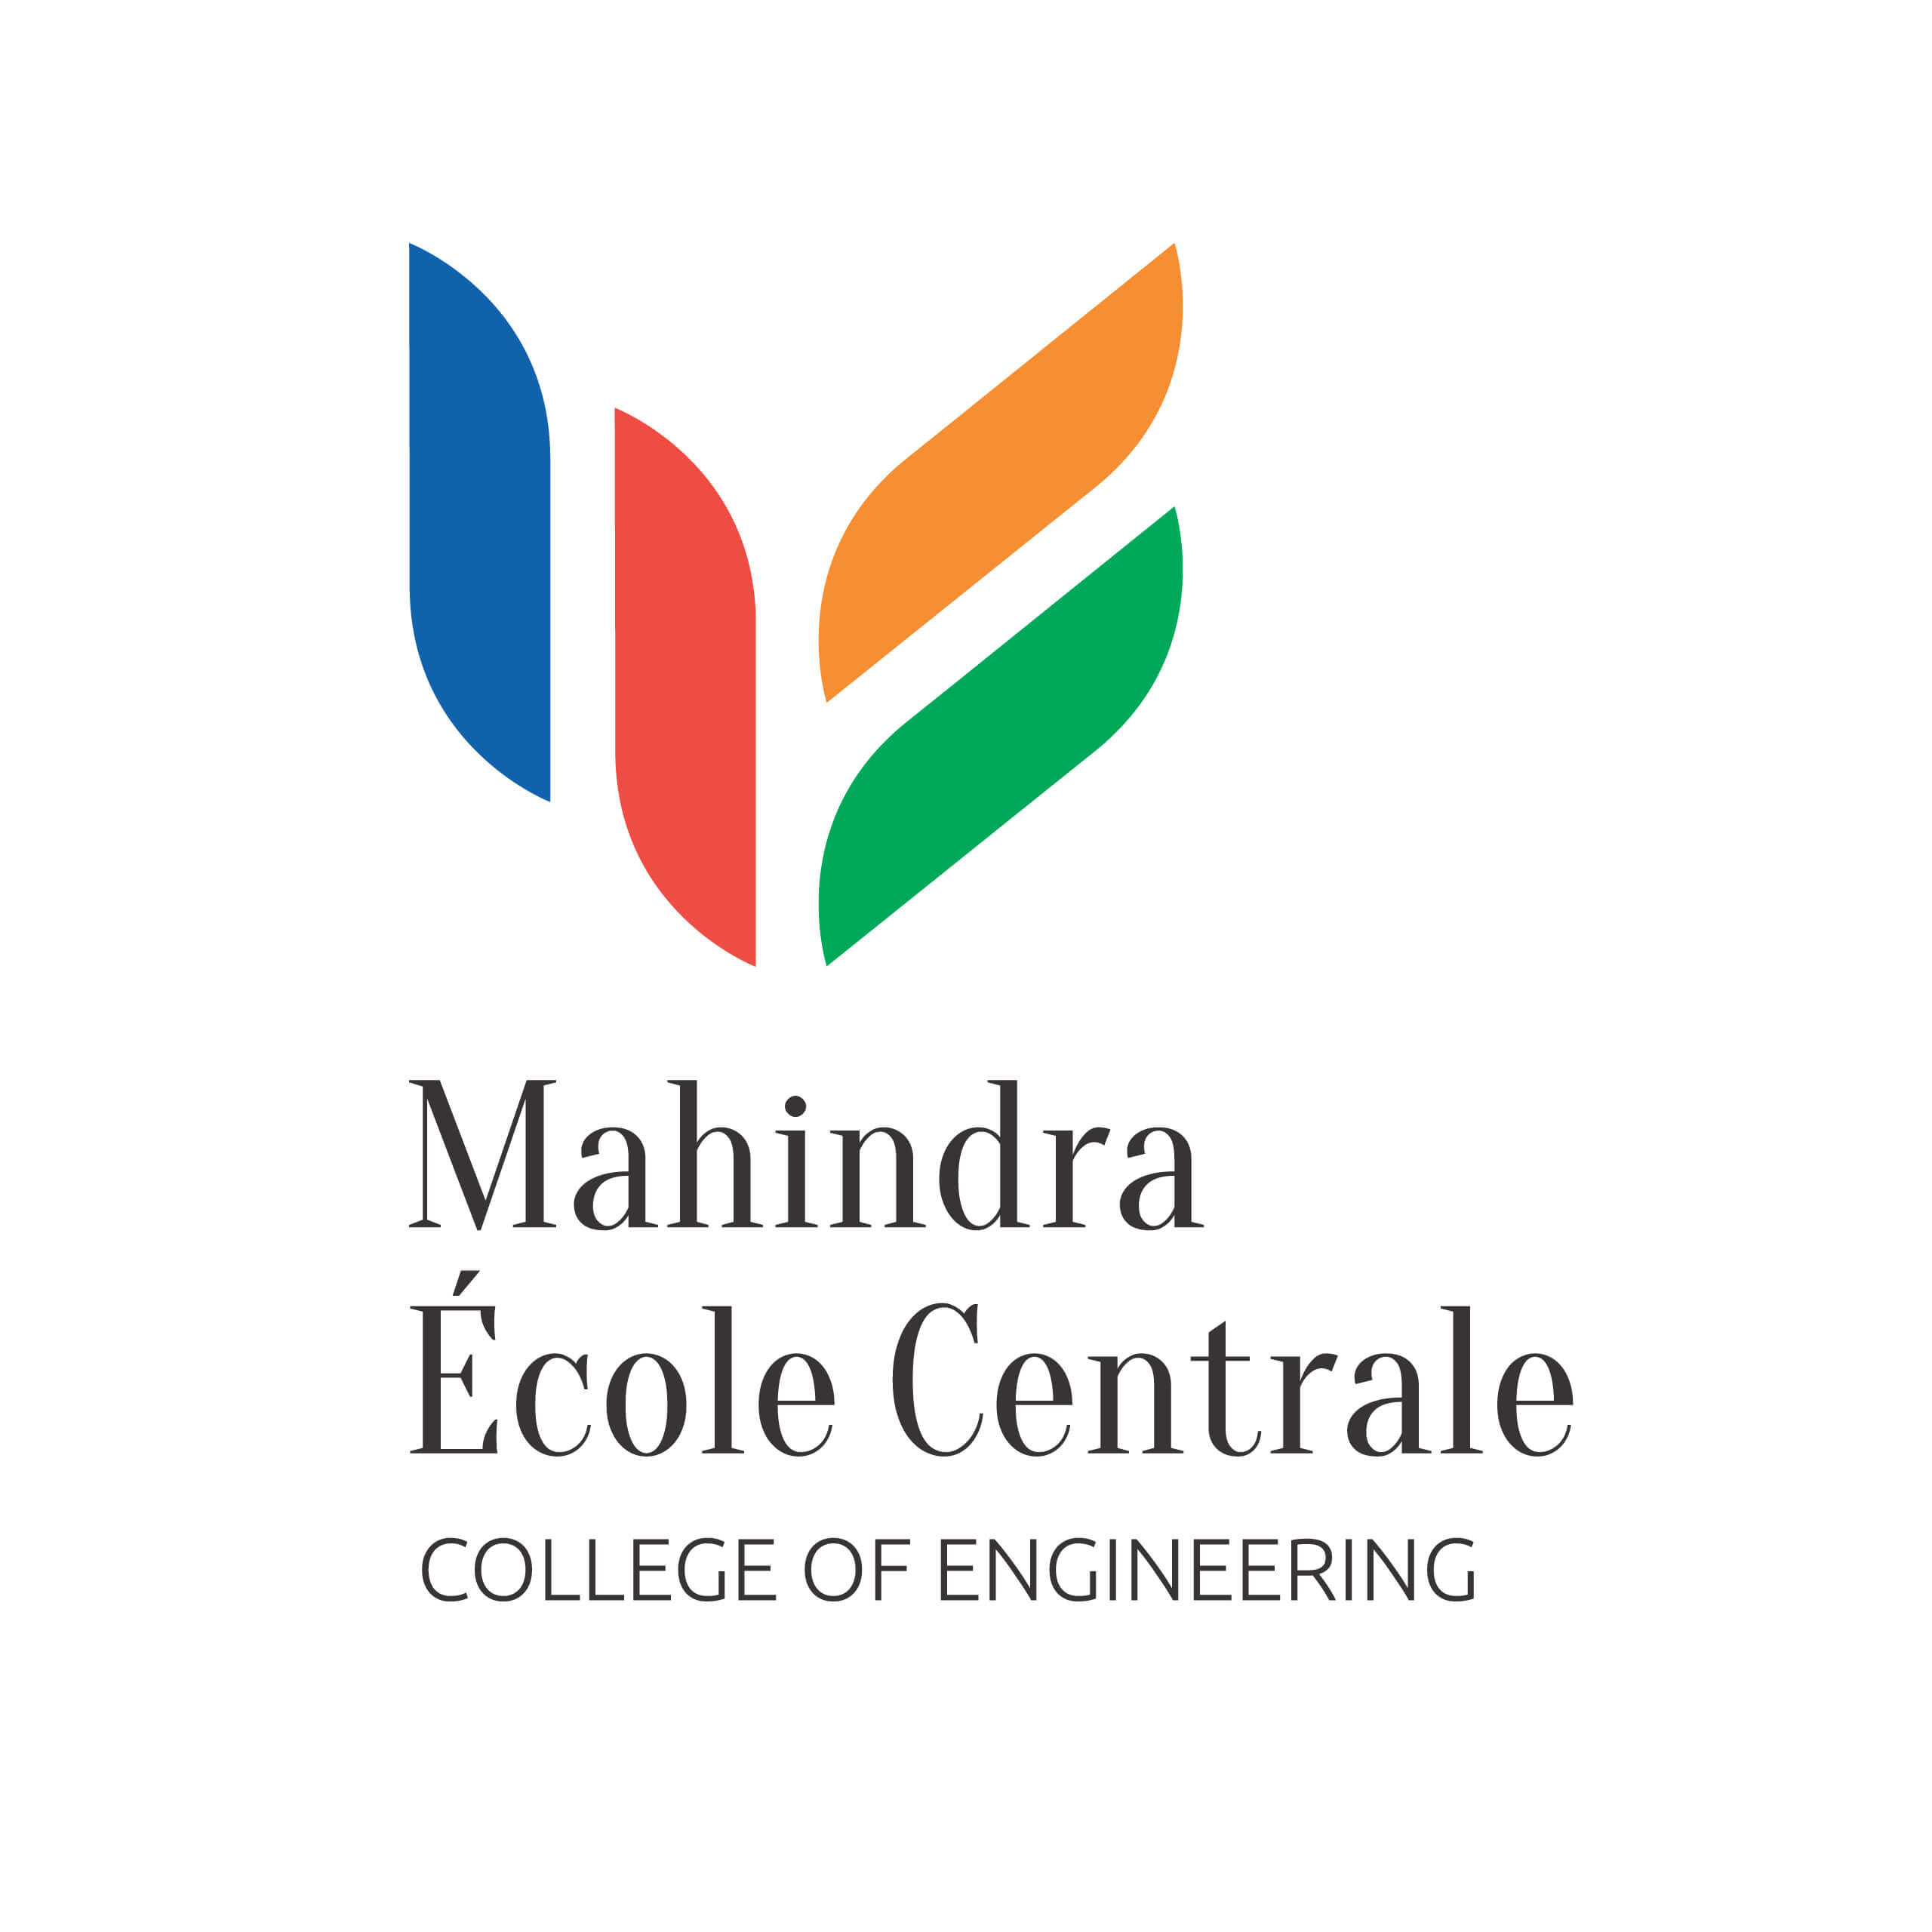 GROUND、インドMahindra Ecole Centrale大学との共同研究で、AI半導体FPGA※1の物流分野における応用に挑戦